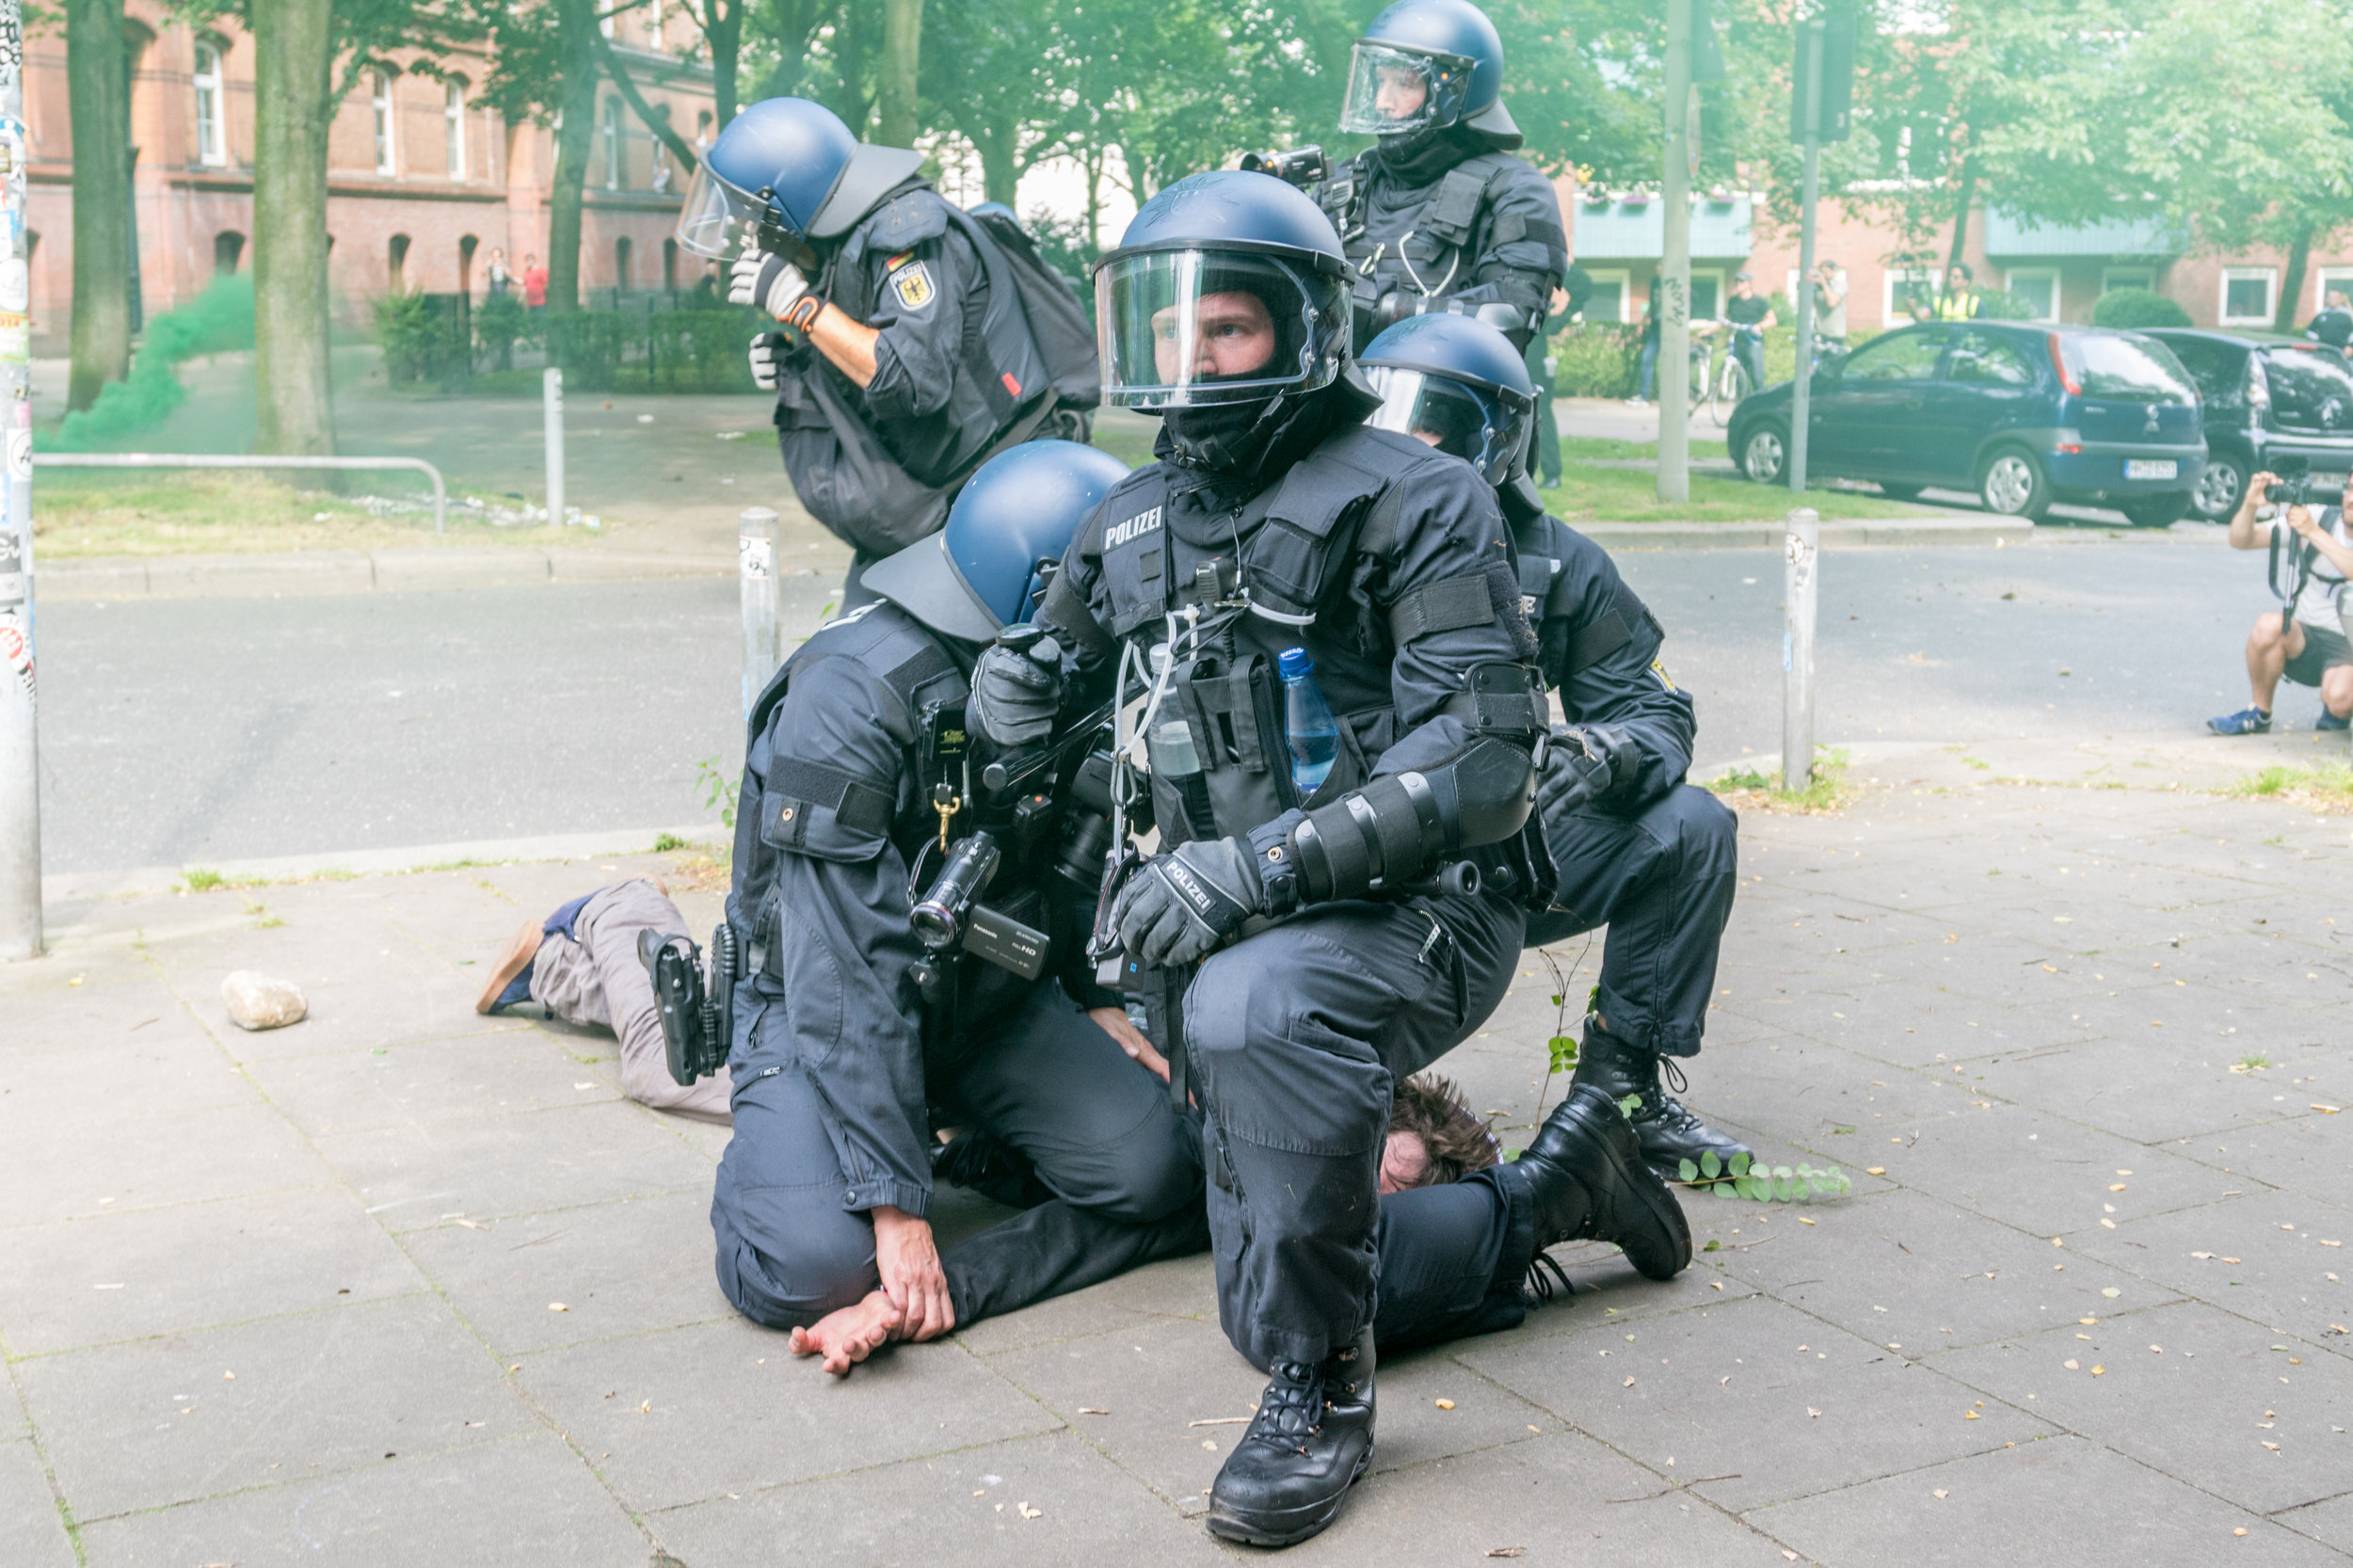 behelmte Polizisten nehmen Mann fest.jpg